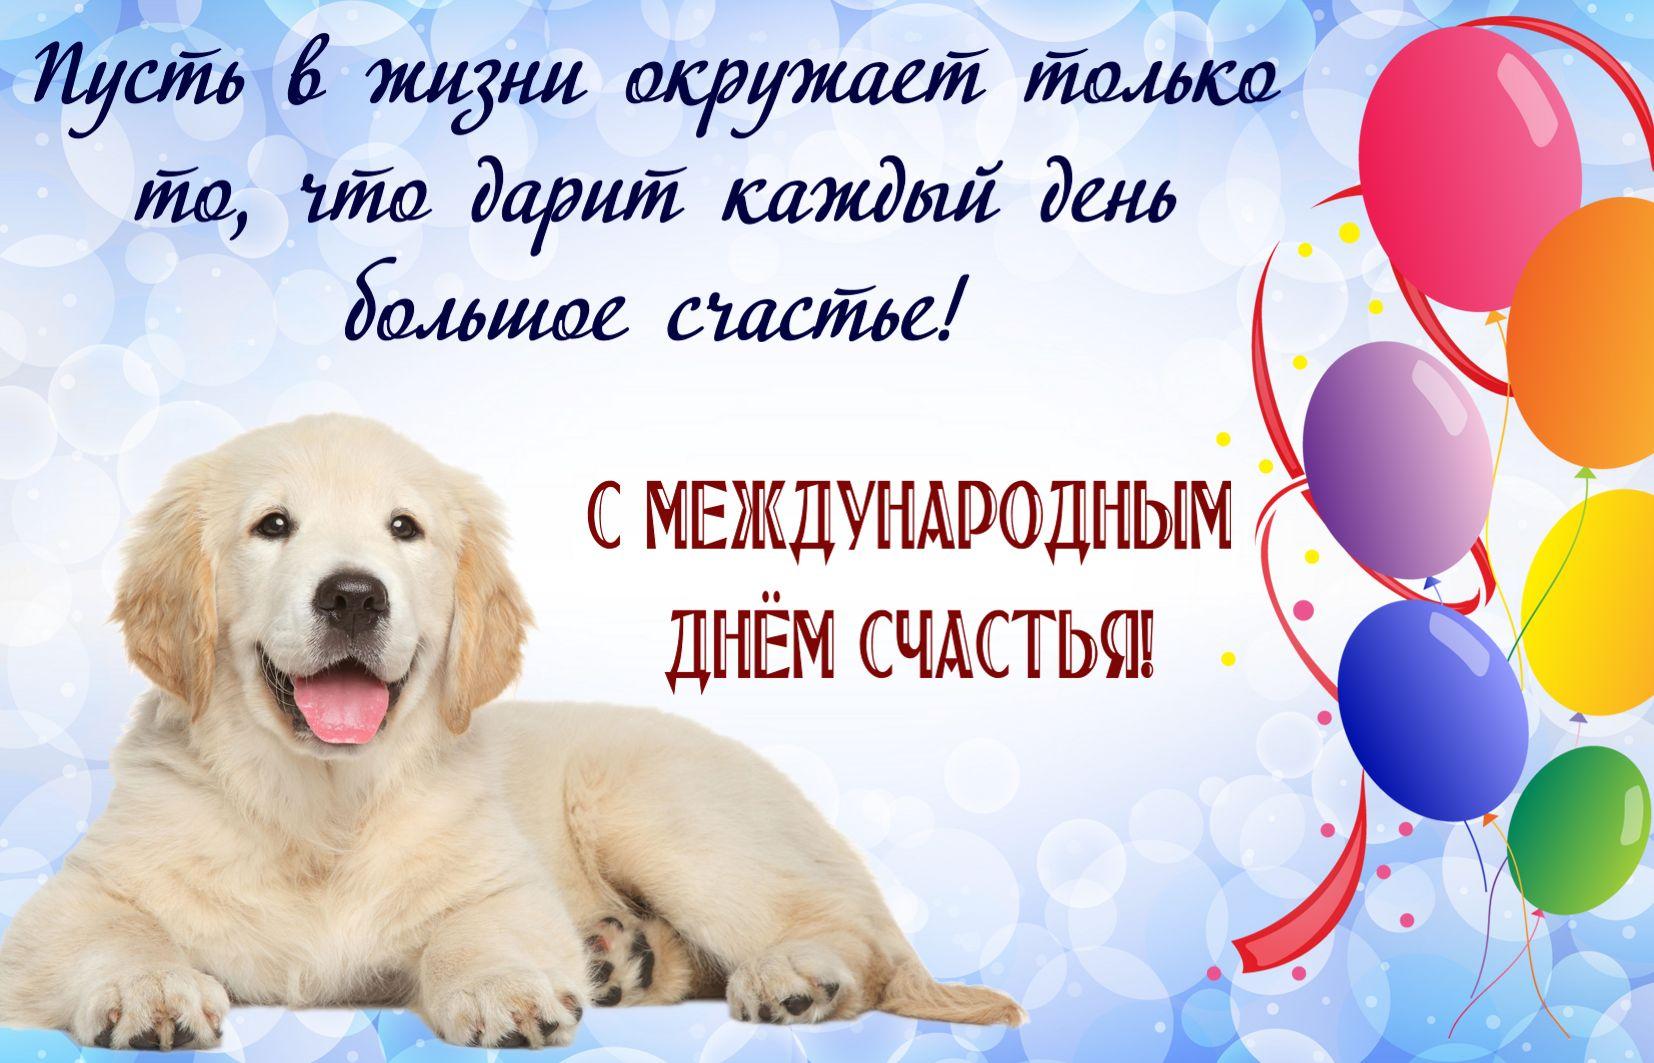 Пожелание на Международный День счастья